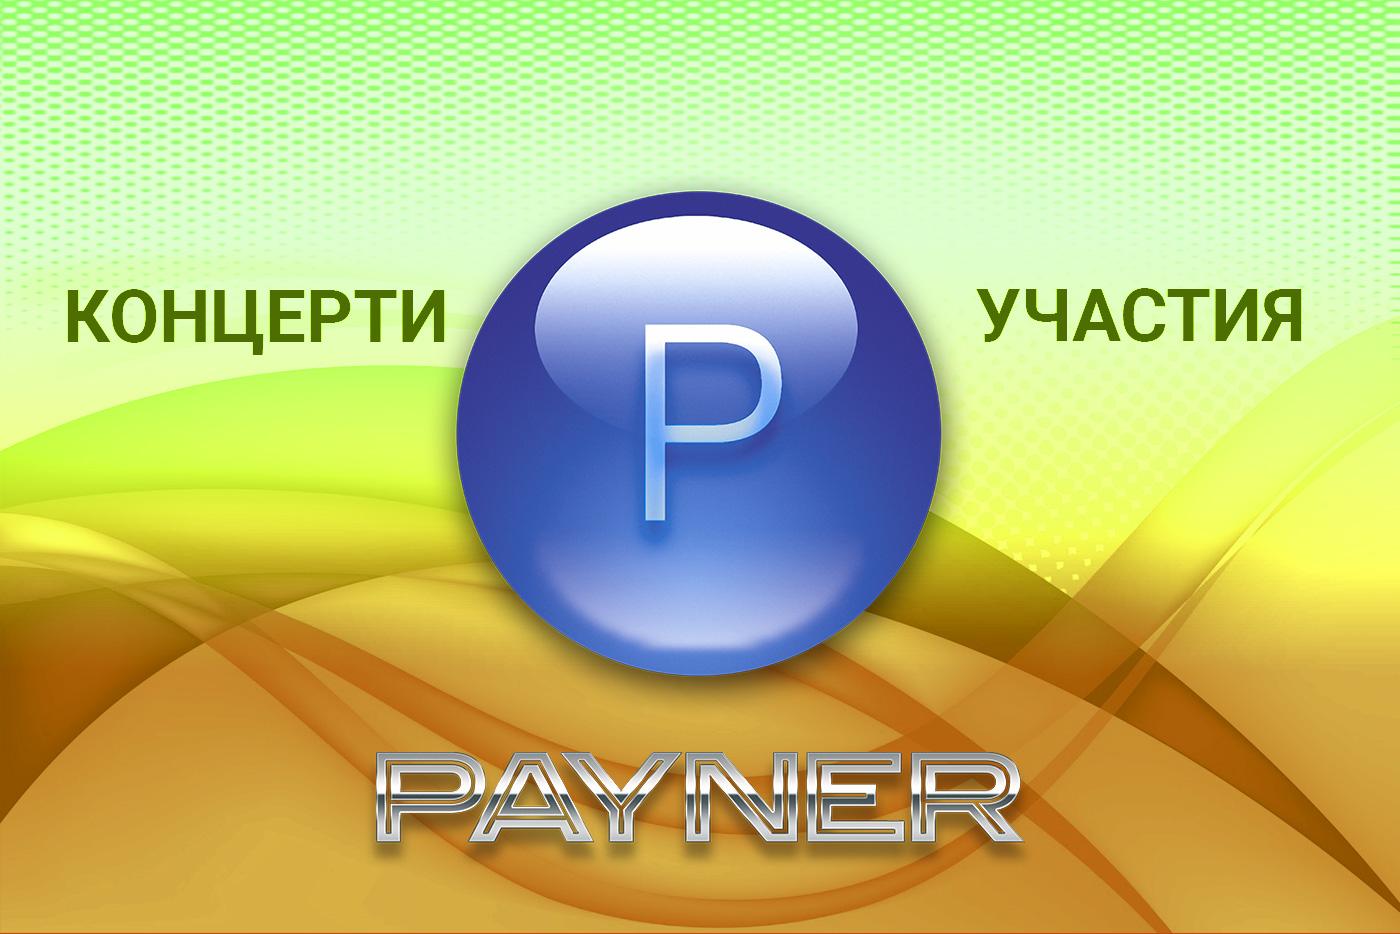 """Участия на звездите на """"Пайнер"""" на 24.11.2019"""